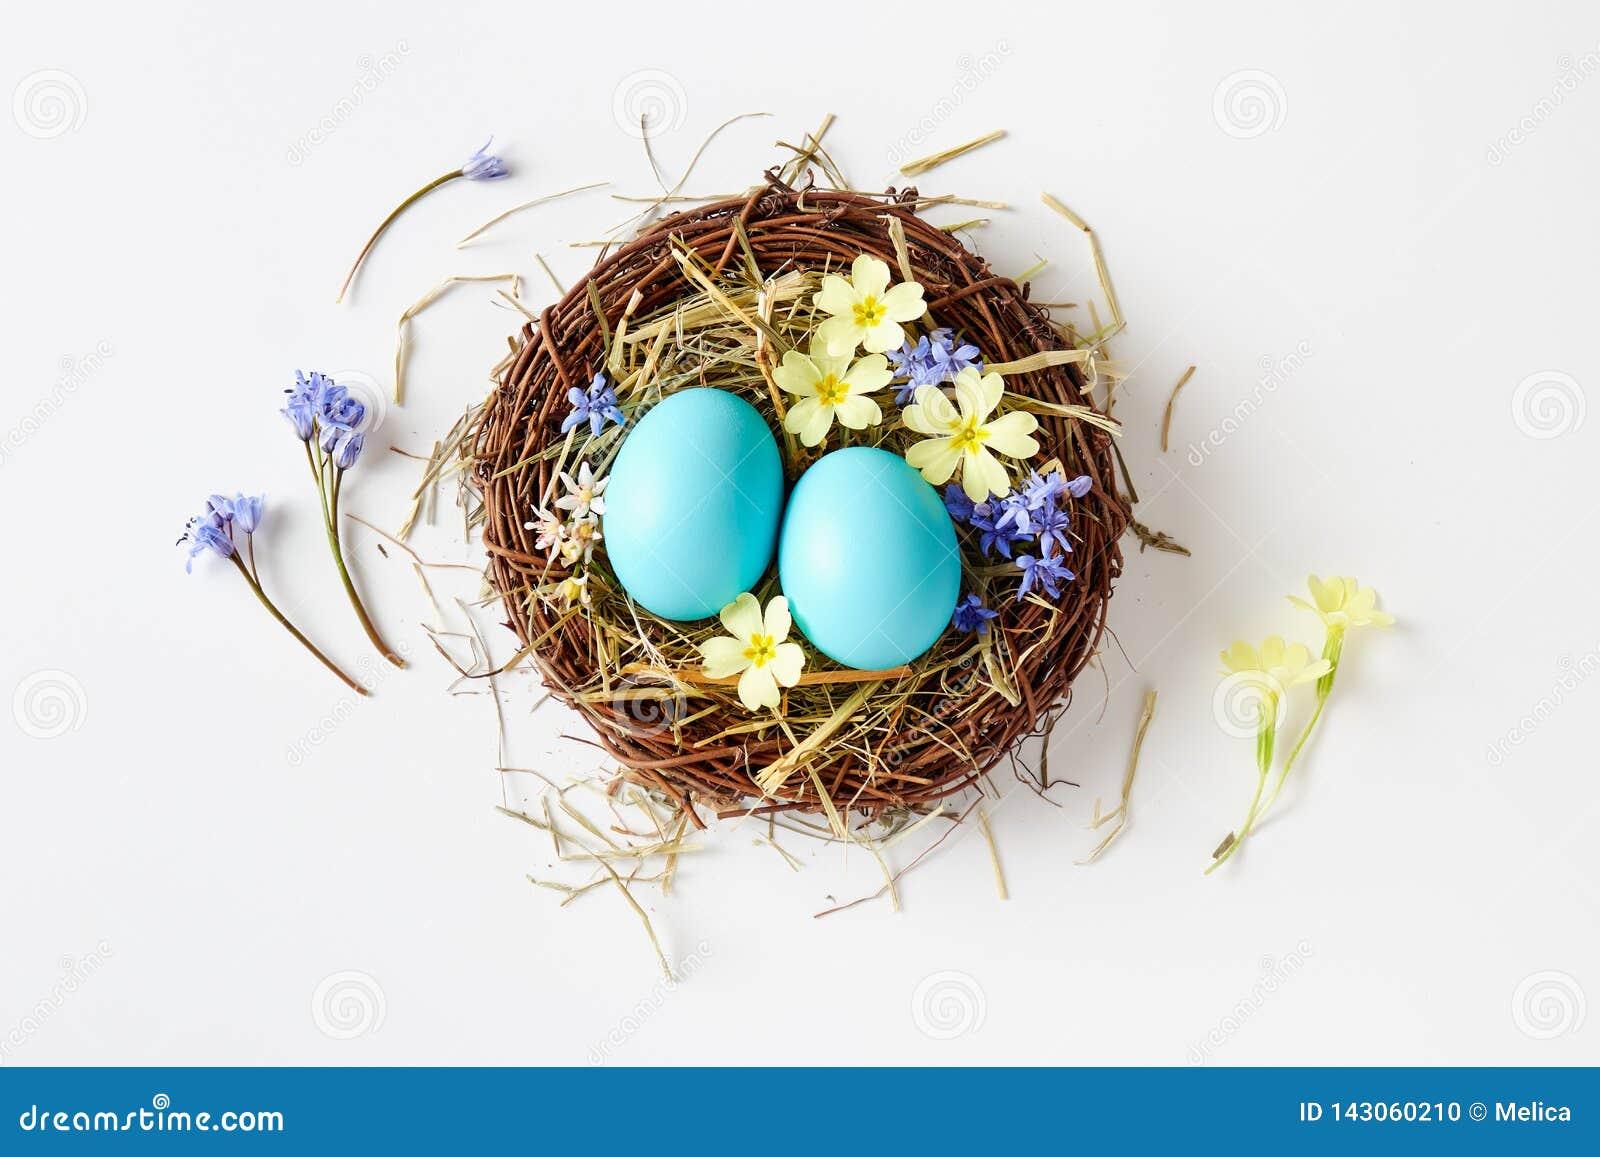 Wielkanocna dekoracja z gniazdeczkiem, jajkami i wiosną, kwitnie